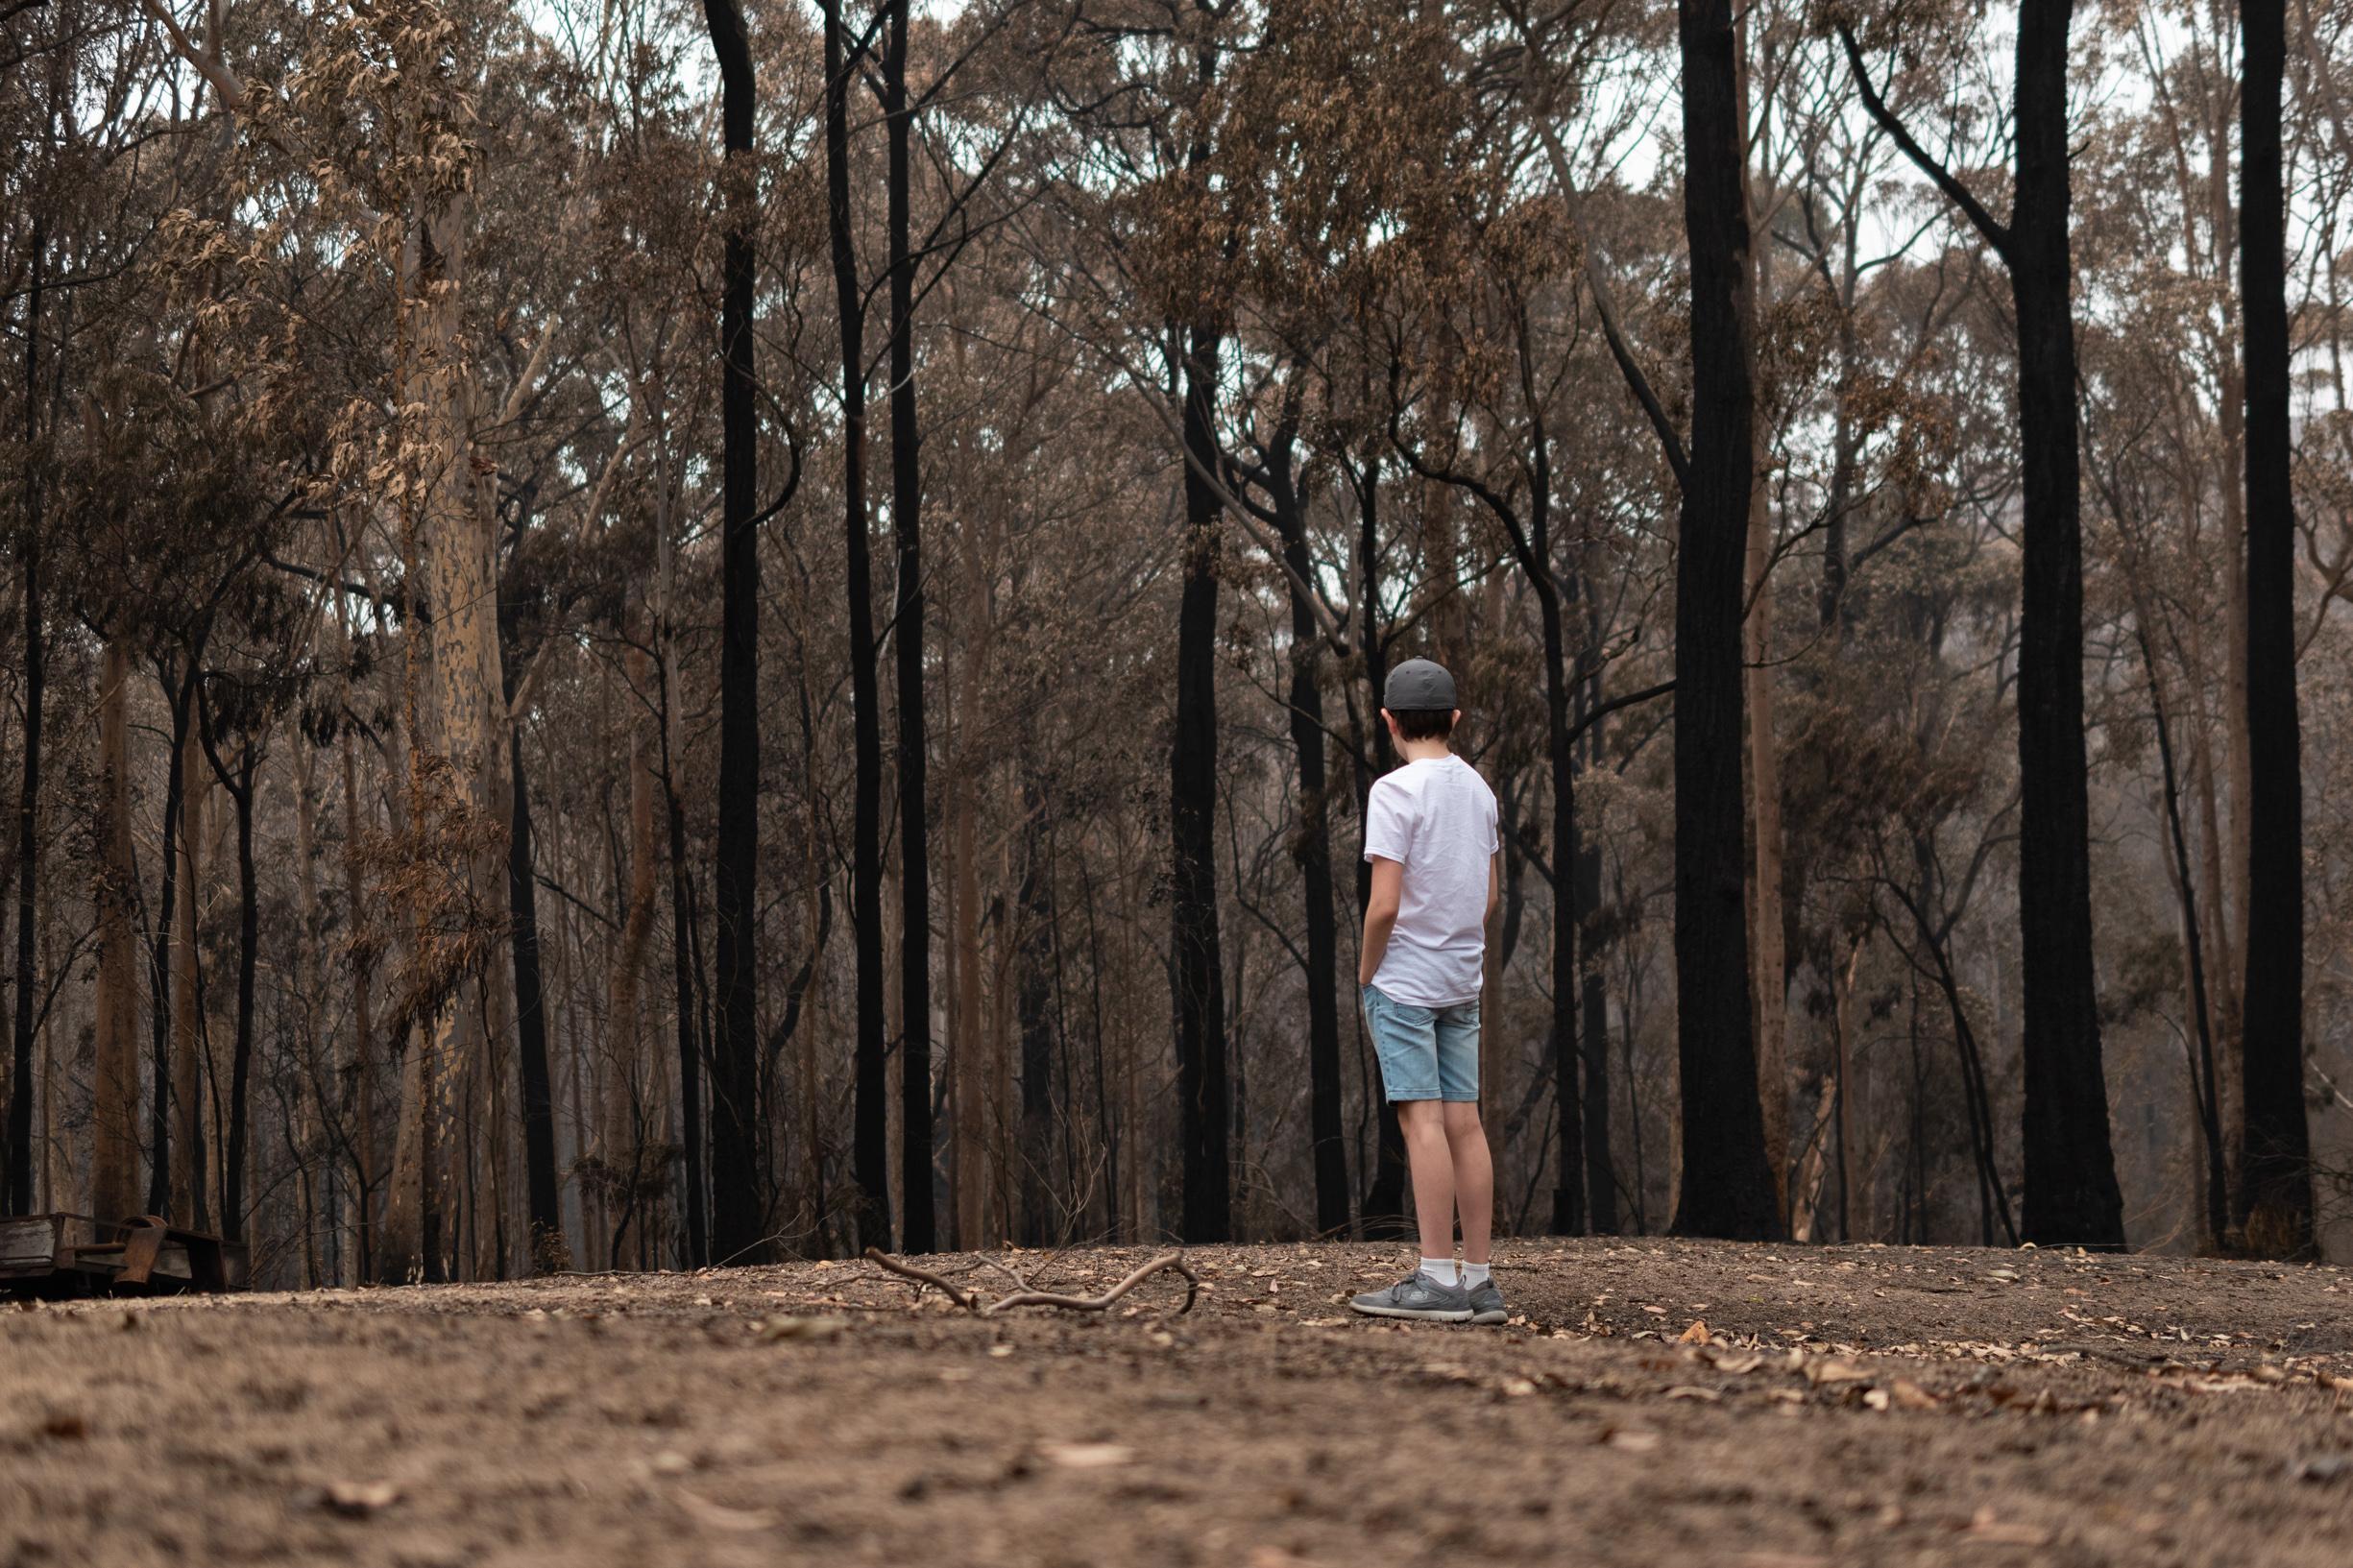 Bushland Once Green- Daniel Bateman